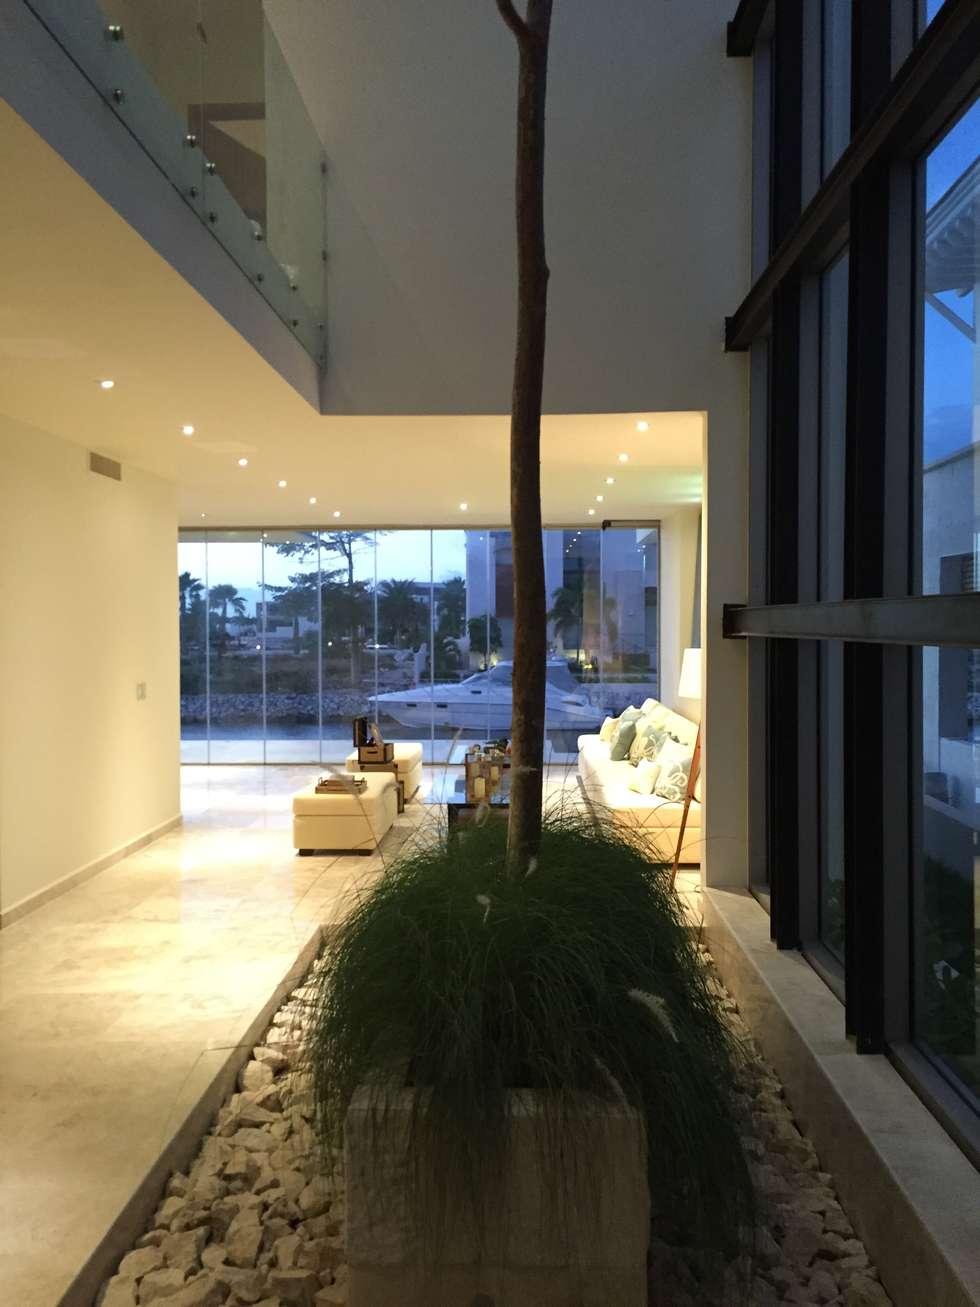 Entorno de transición a áreas comunes. : Jardines de invierno de estilo minimalista por Vortex Arquitectos